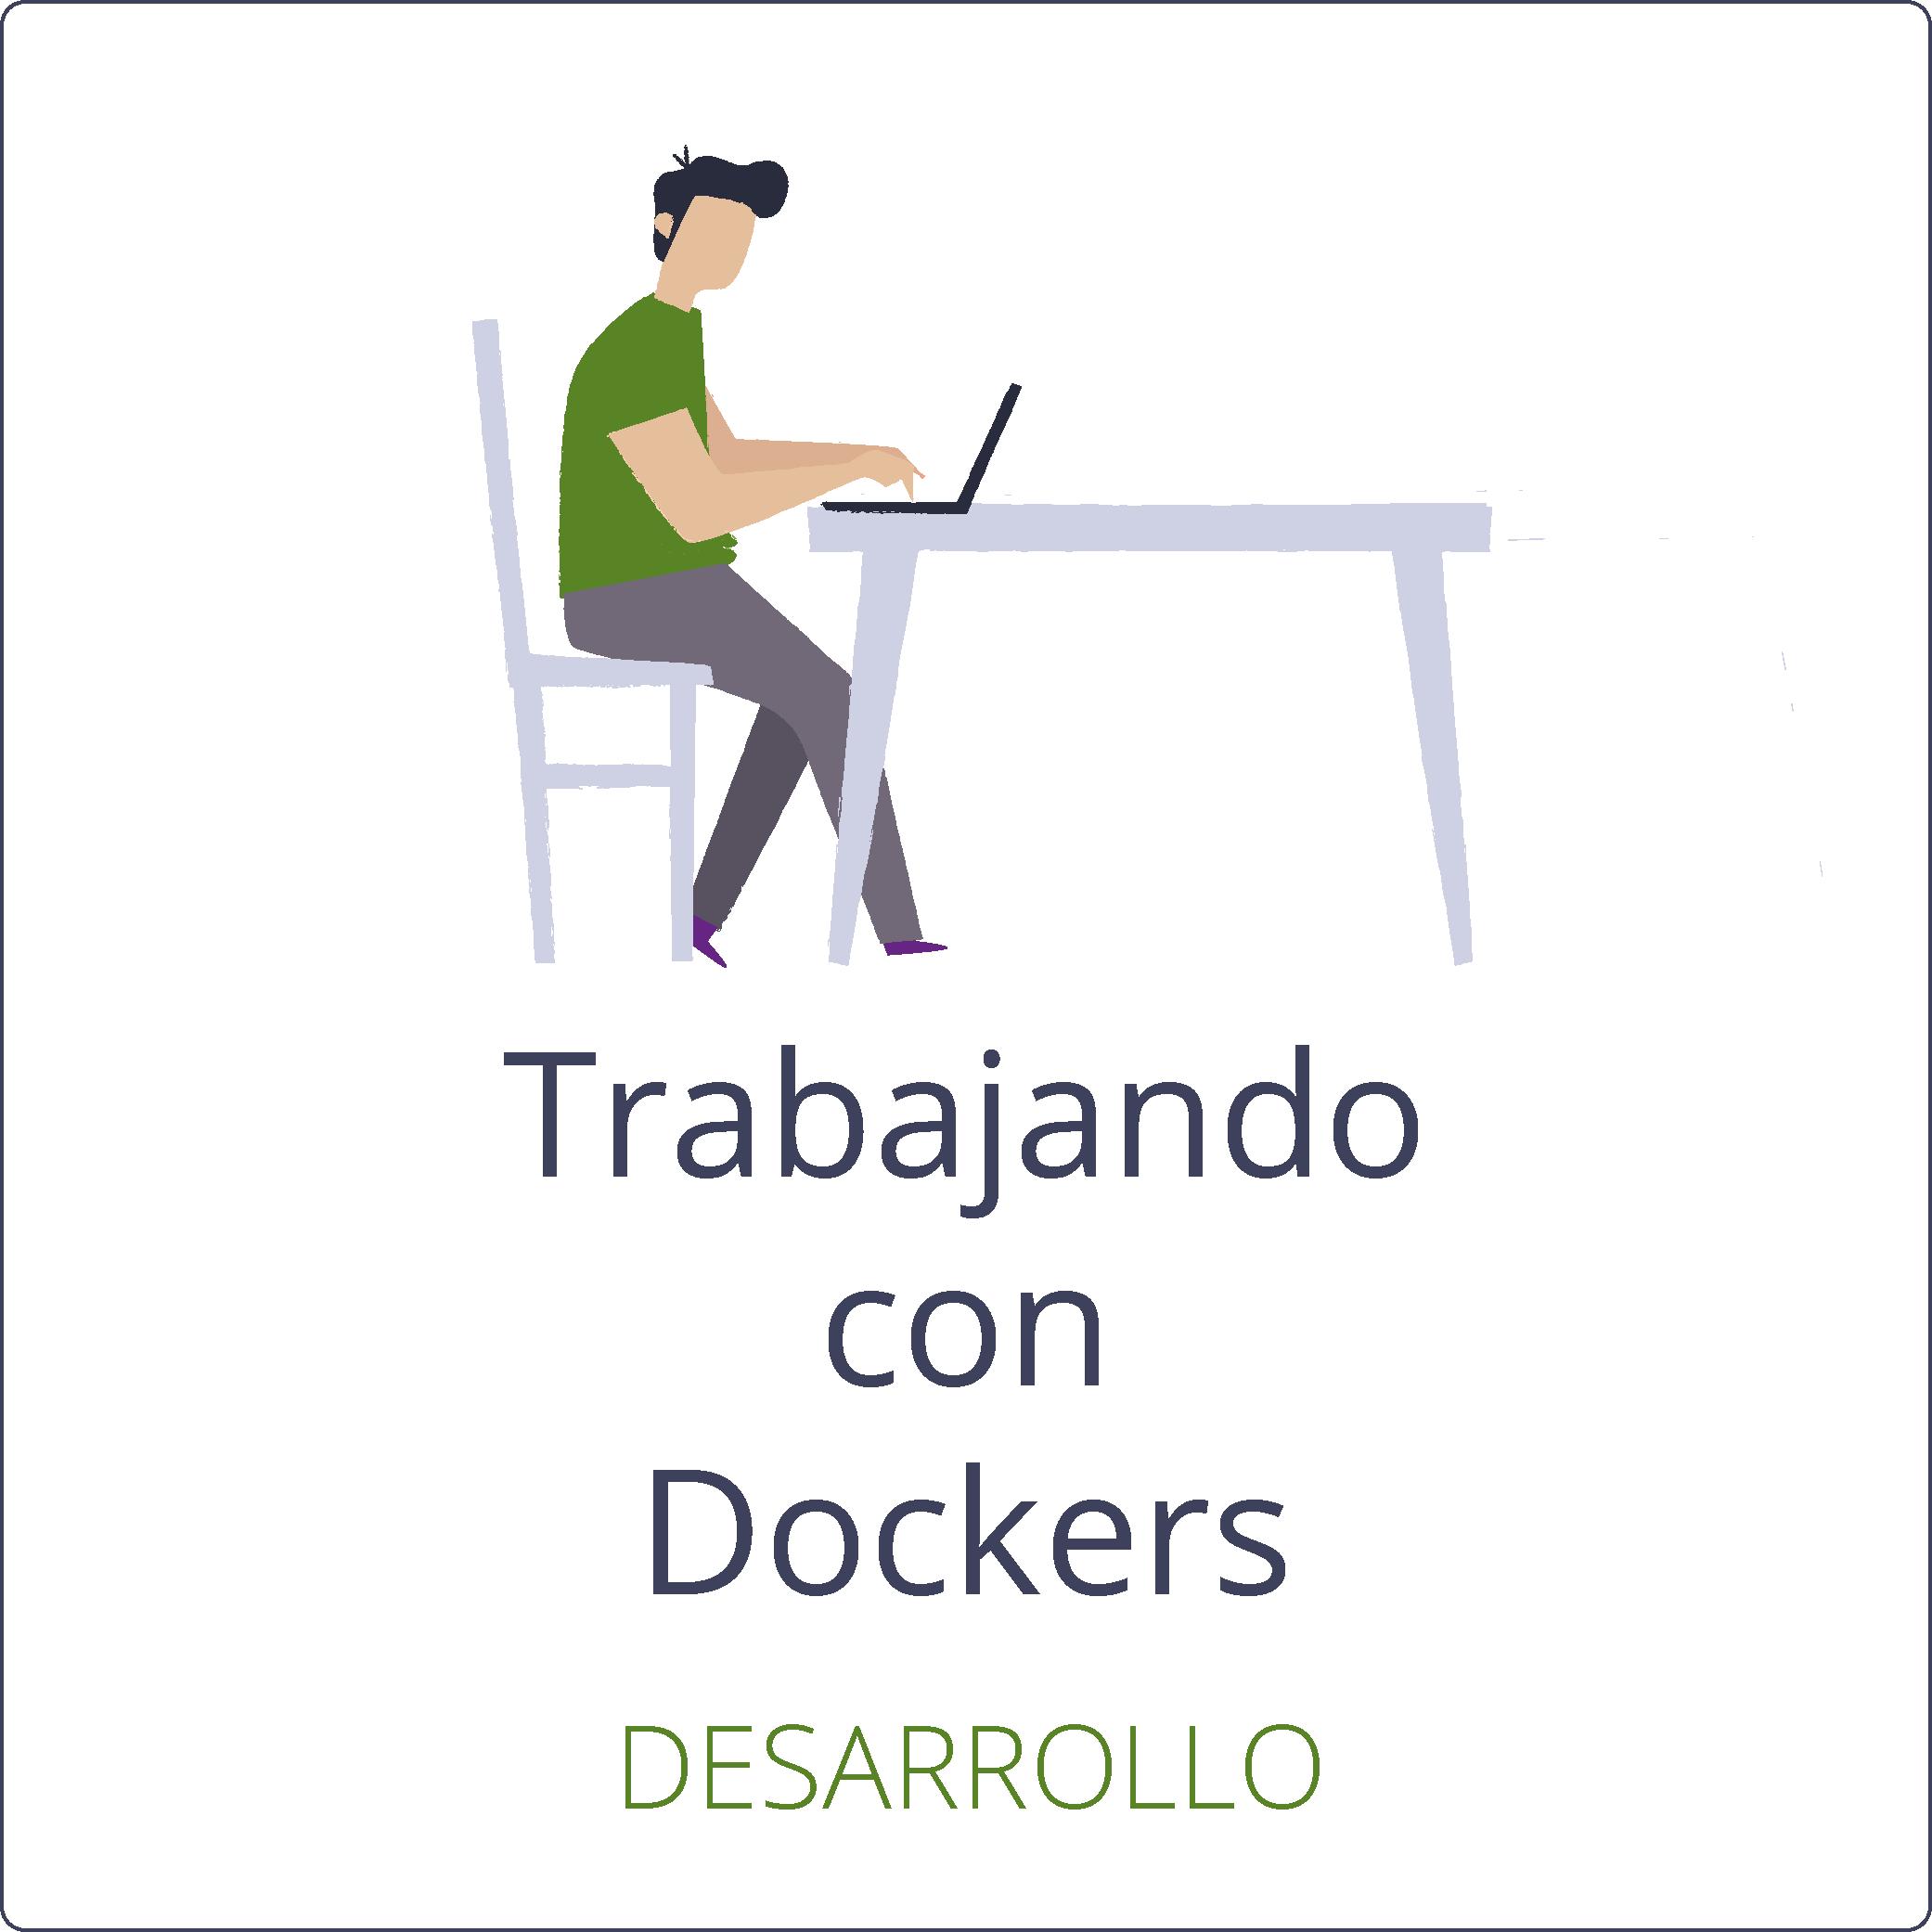 Trabajando con Dockers